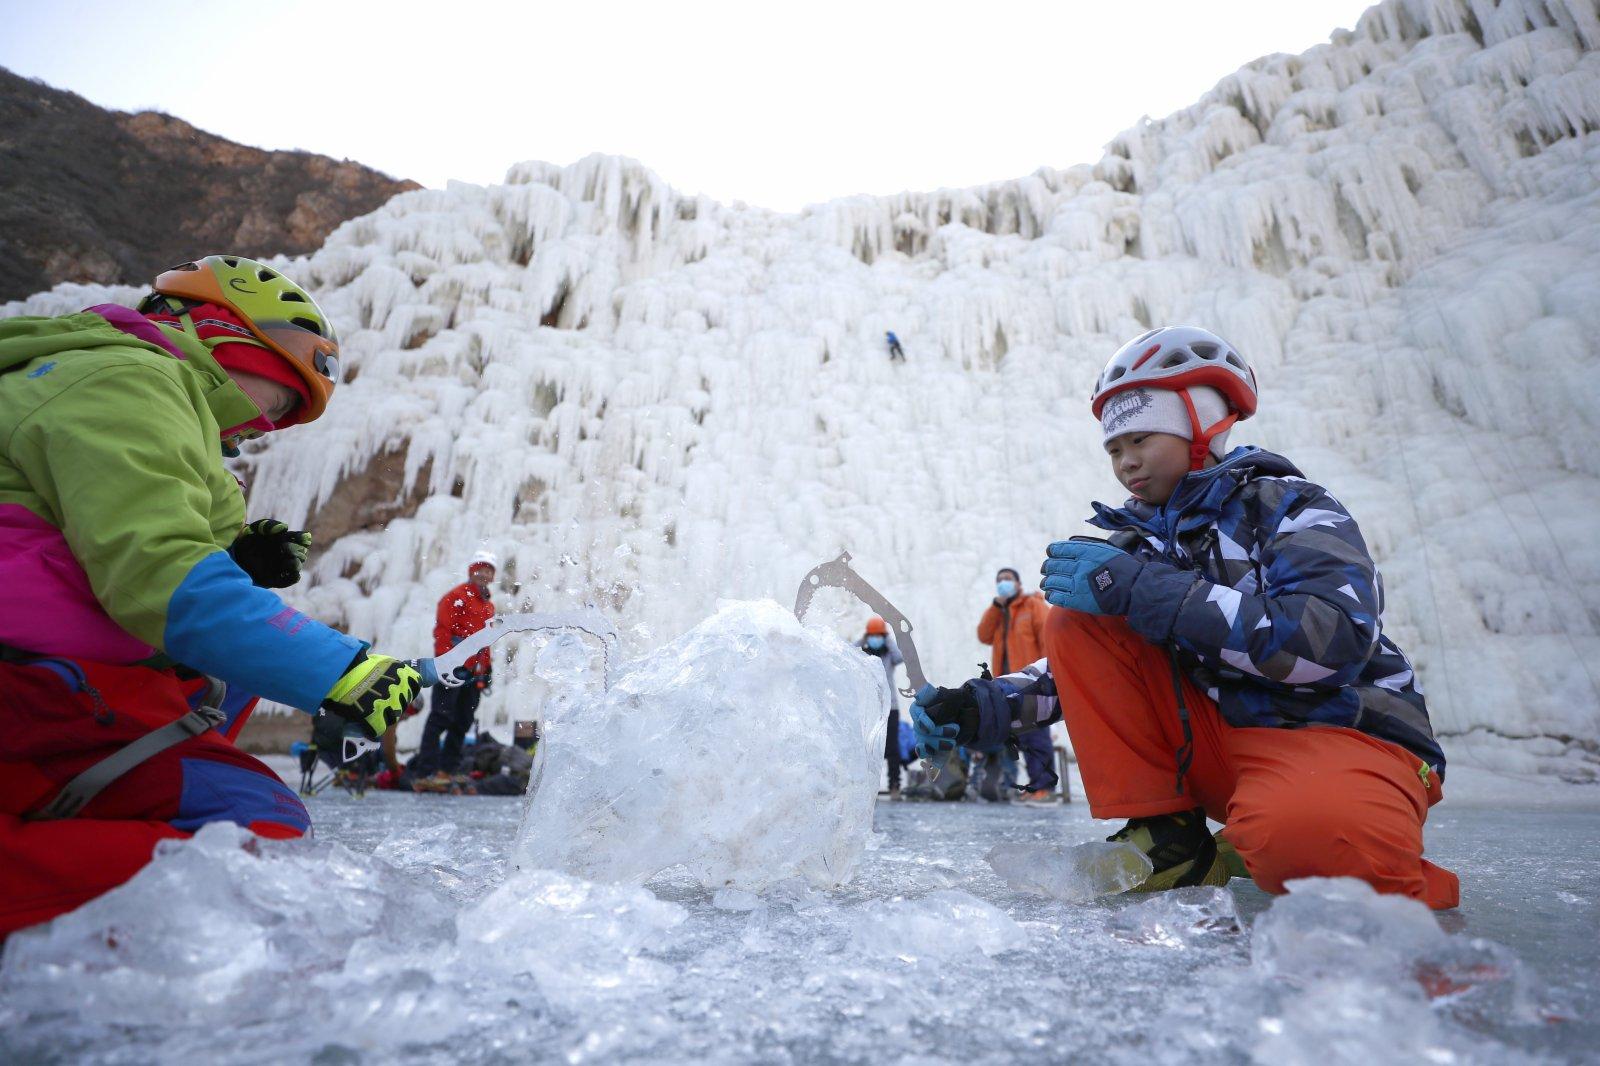 2月6日,攀冰愛好者在北京昌平區虎峪風景區攀冰場感受冰雪運動的快樂。圖為小朋友練習冰鎬使用技巧。(中新社)